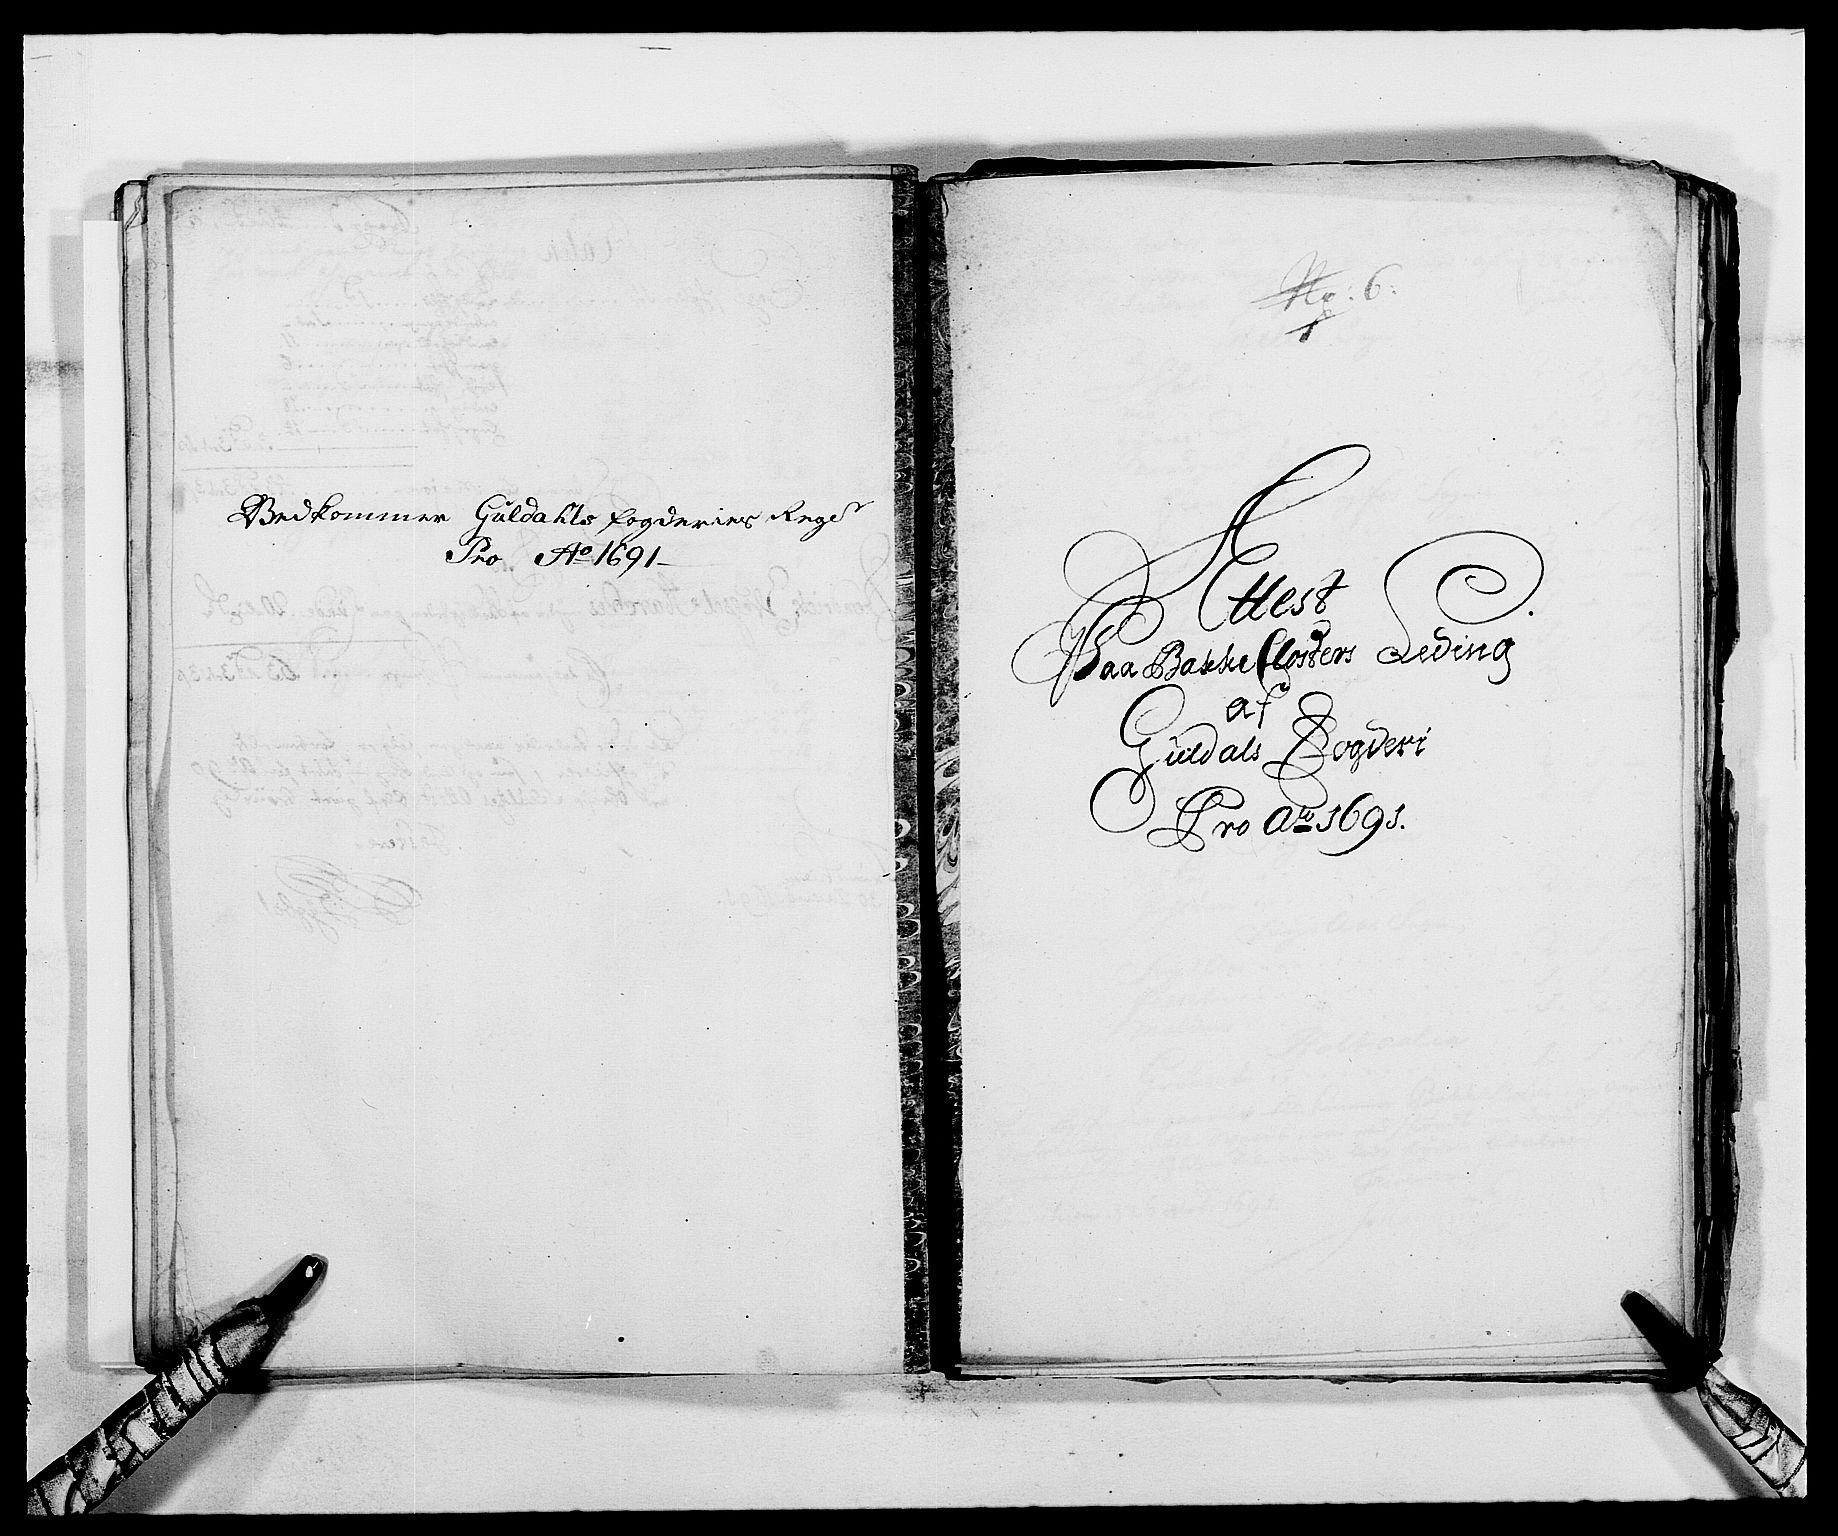 RA, Rentekammeret inntil 1814, Reviderte regnskaper, Fogderegnskap, R59/L3941: Fogderegnskap Gauldal, 1691, s. 193